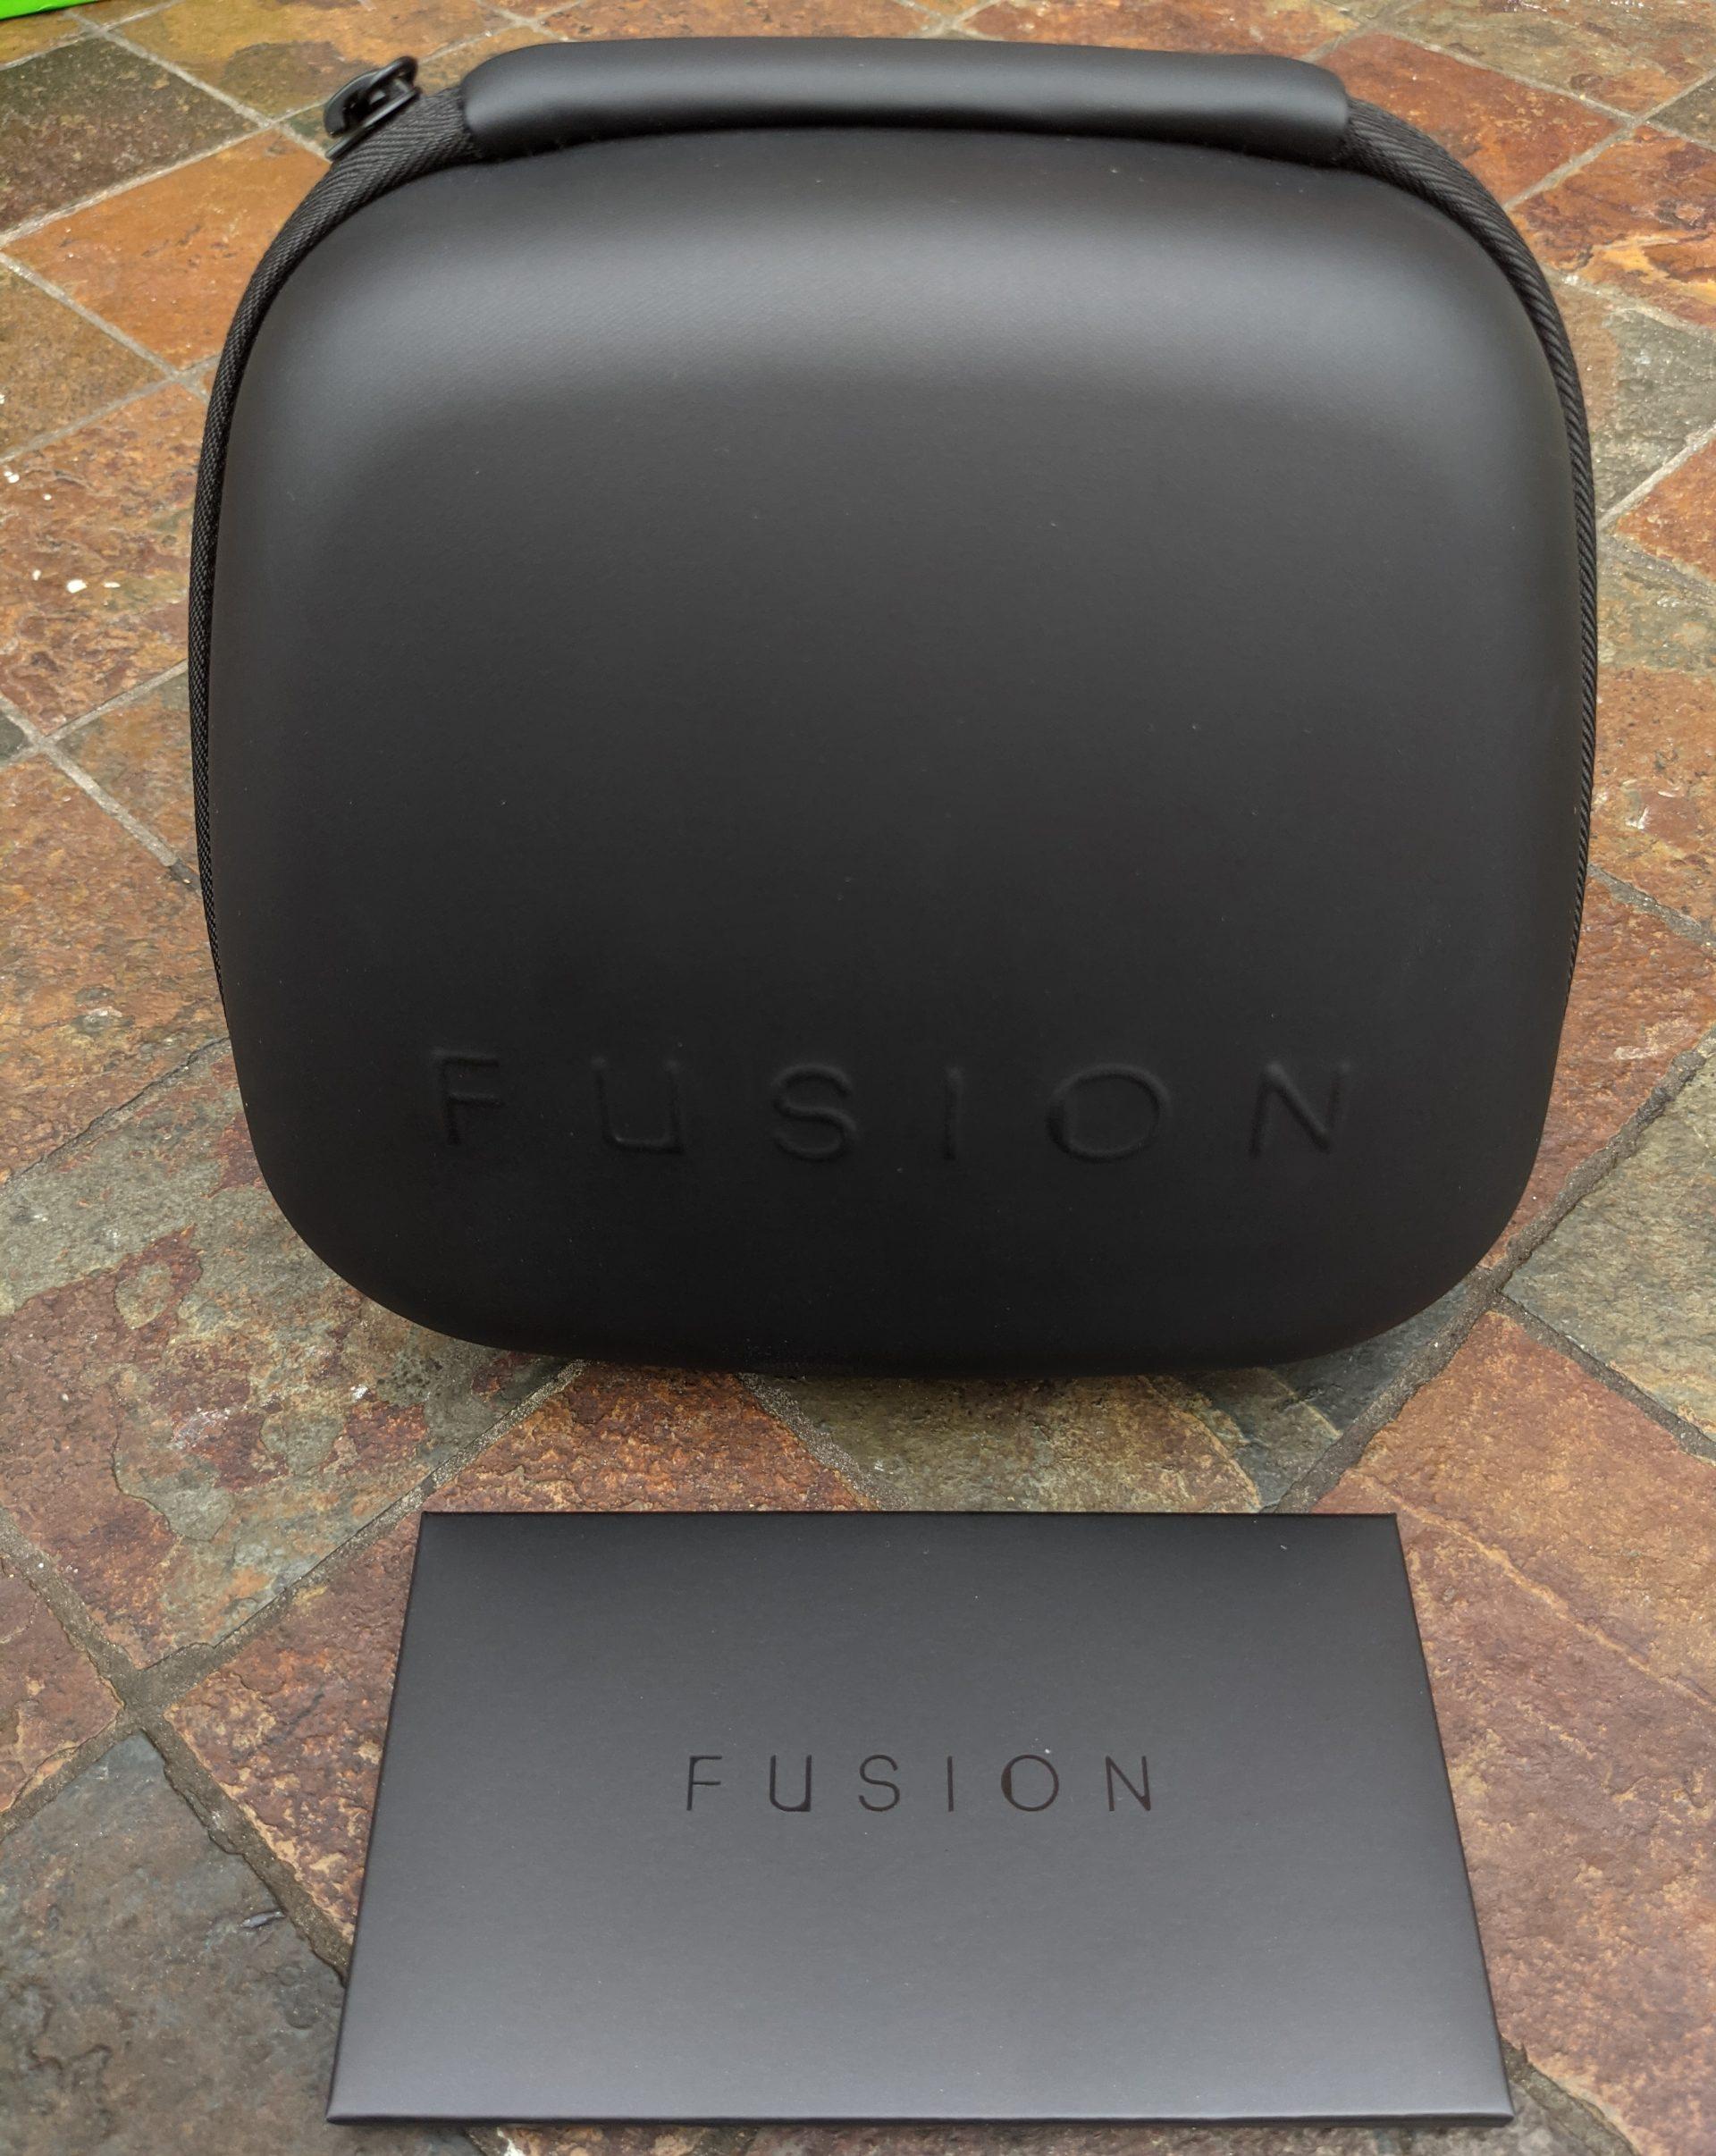 Power A Fusion Pro 2 Controller